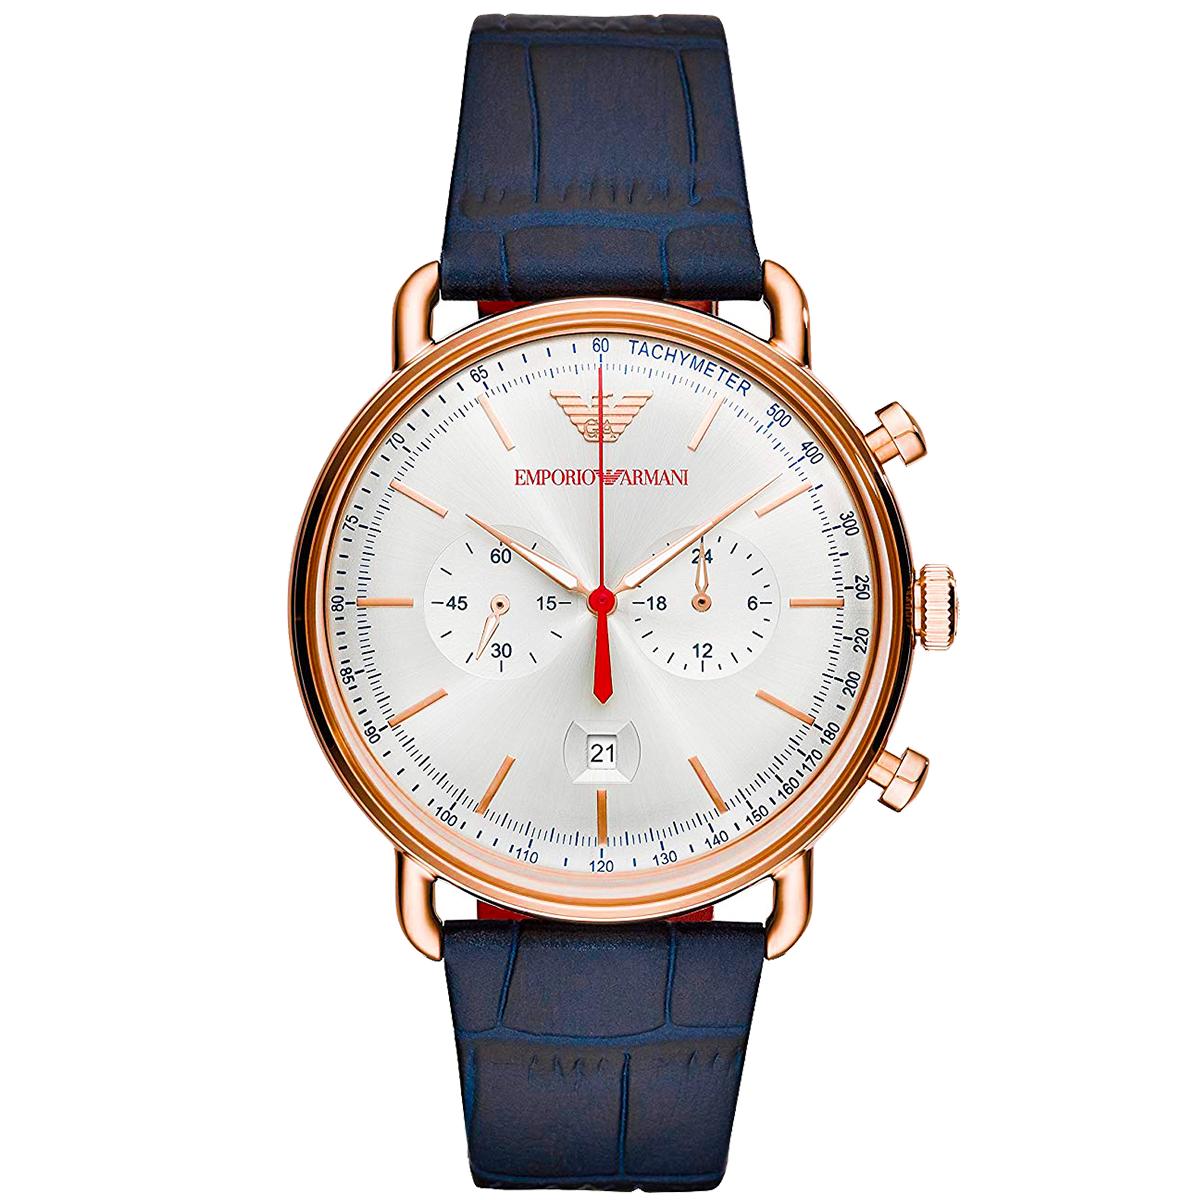 アルマーニ エンポリオアルマーニ EMPORIO ARMANI  AVIATOR アビエーター AR11123 メンズ 時計 腕時計 クオーツ カレンダー